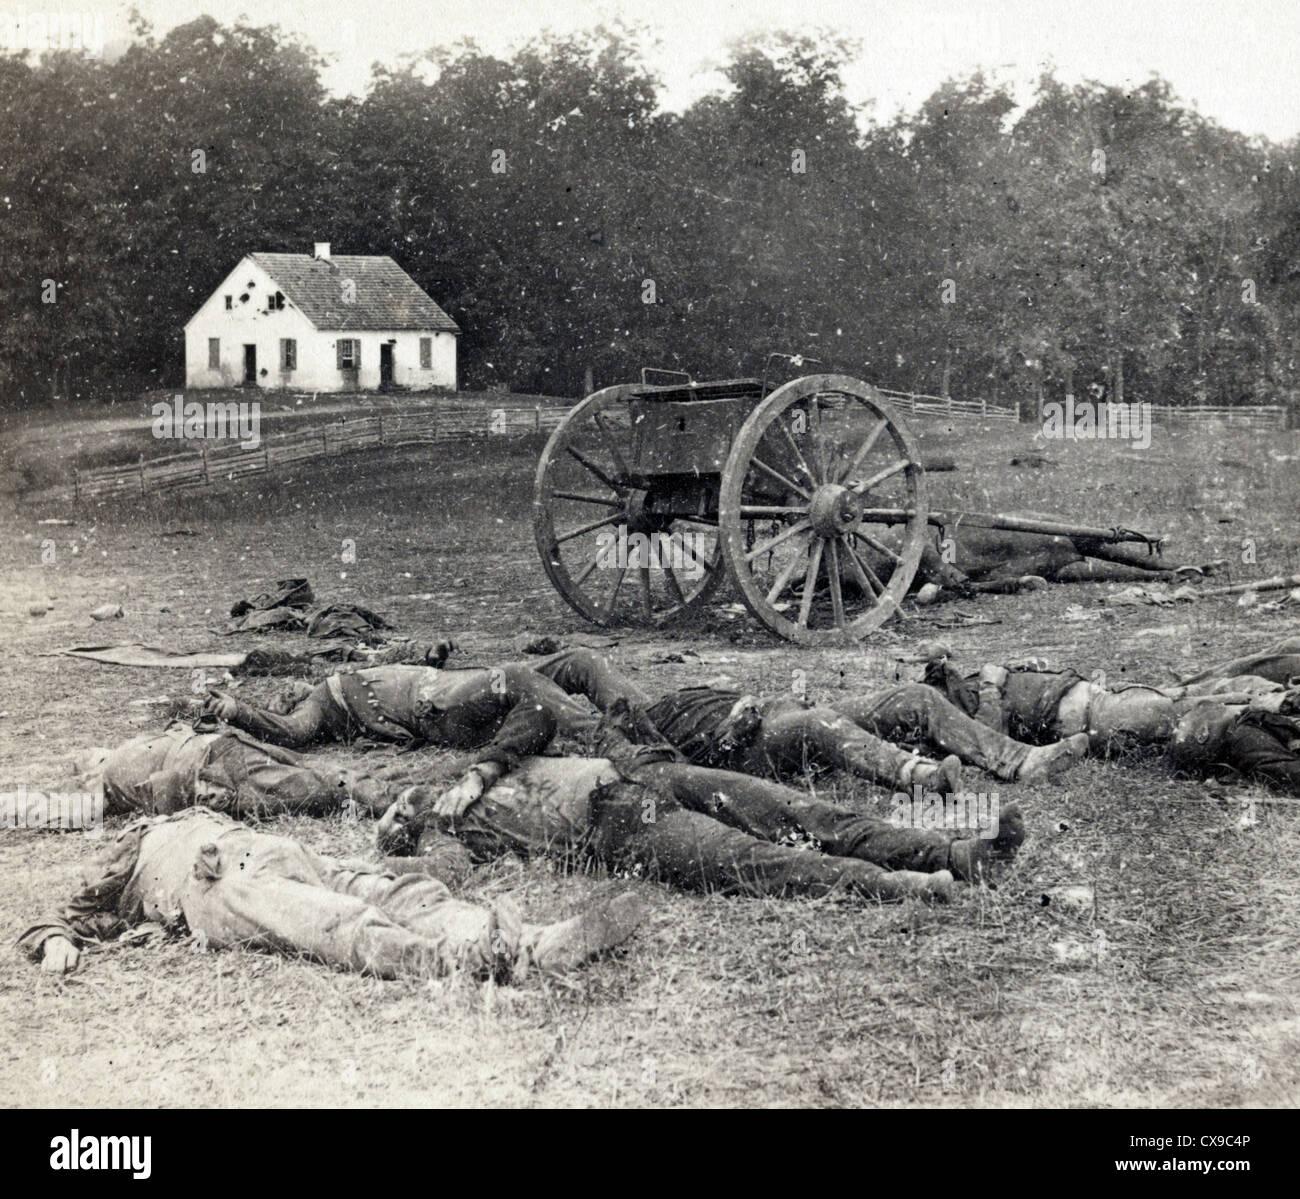 La Batalla de Antietam, también conocida como la Batalla de Sharpsburg, Guerra Civil Americana Imagen De Stock